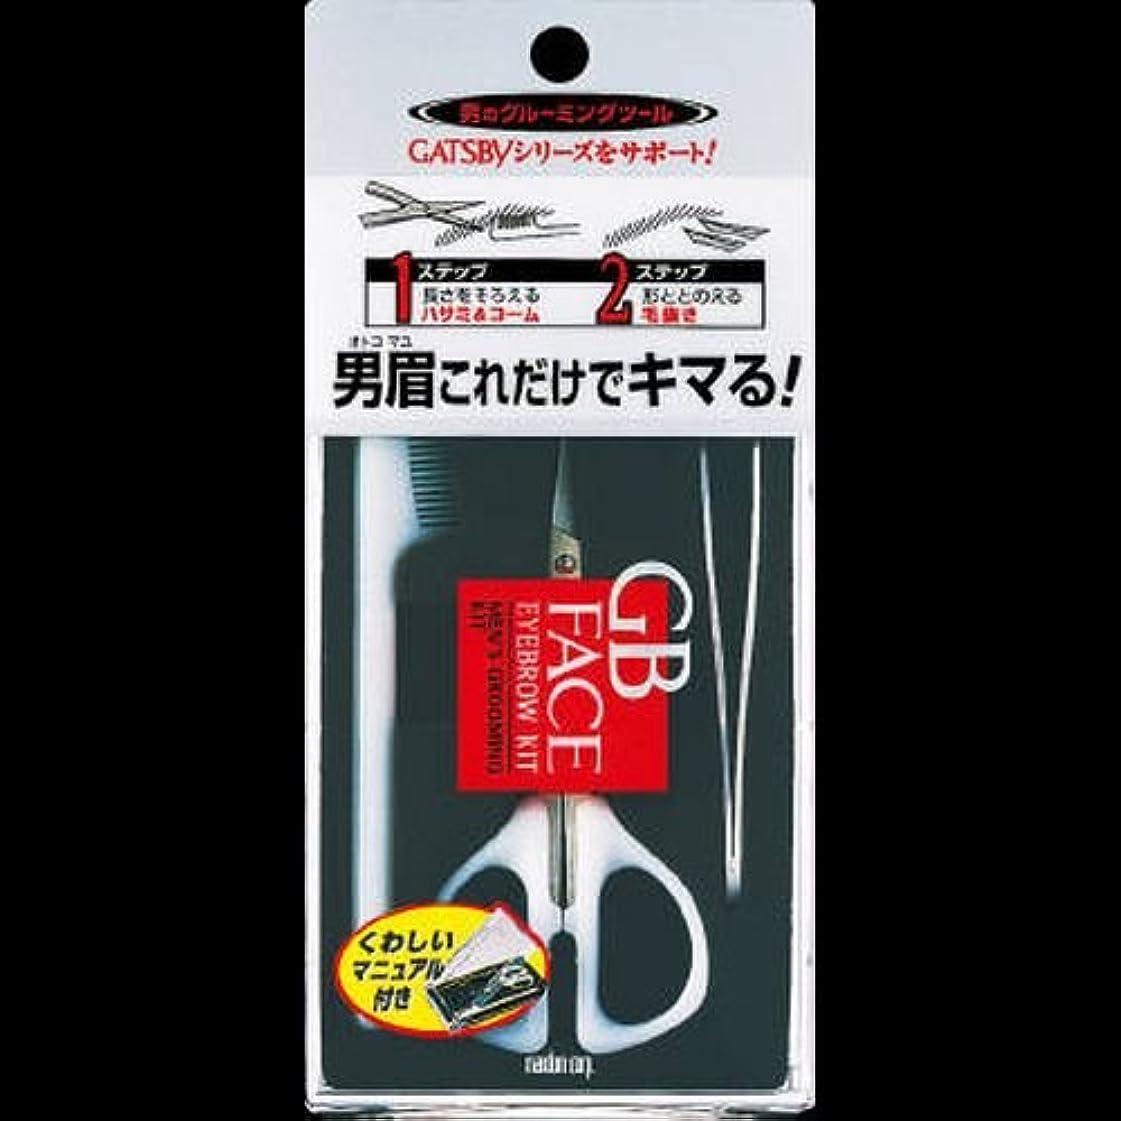 説明的地下鉄ストレス【まとめ買い】ギャツビー メンズアイブローキット ×2セット